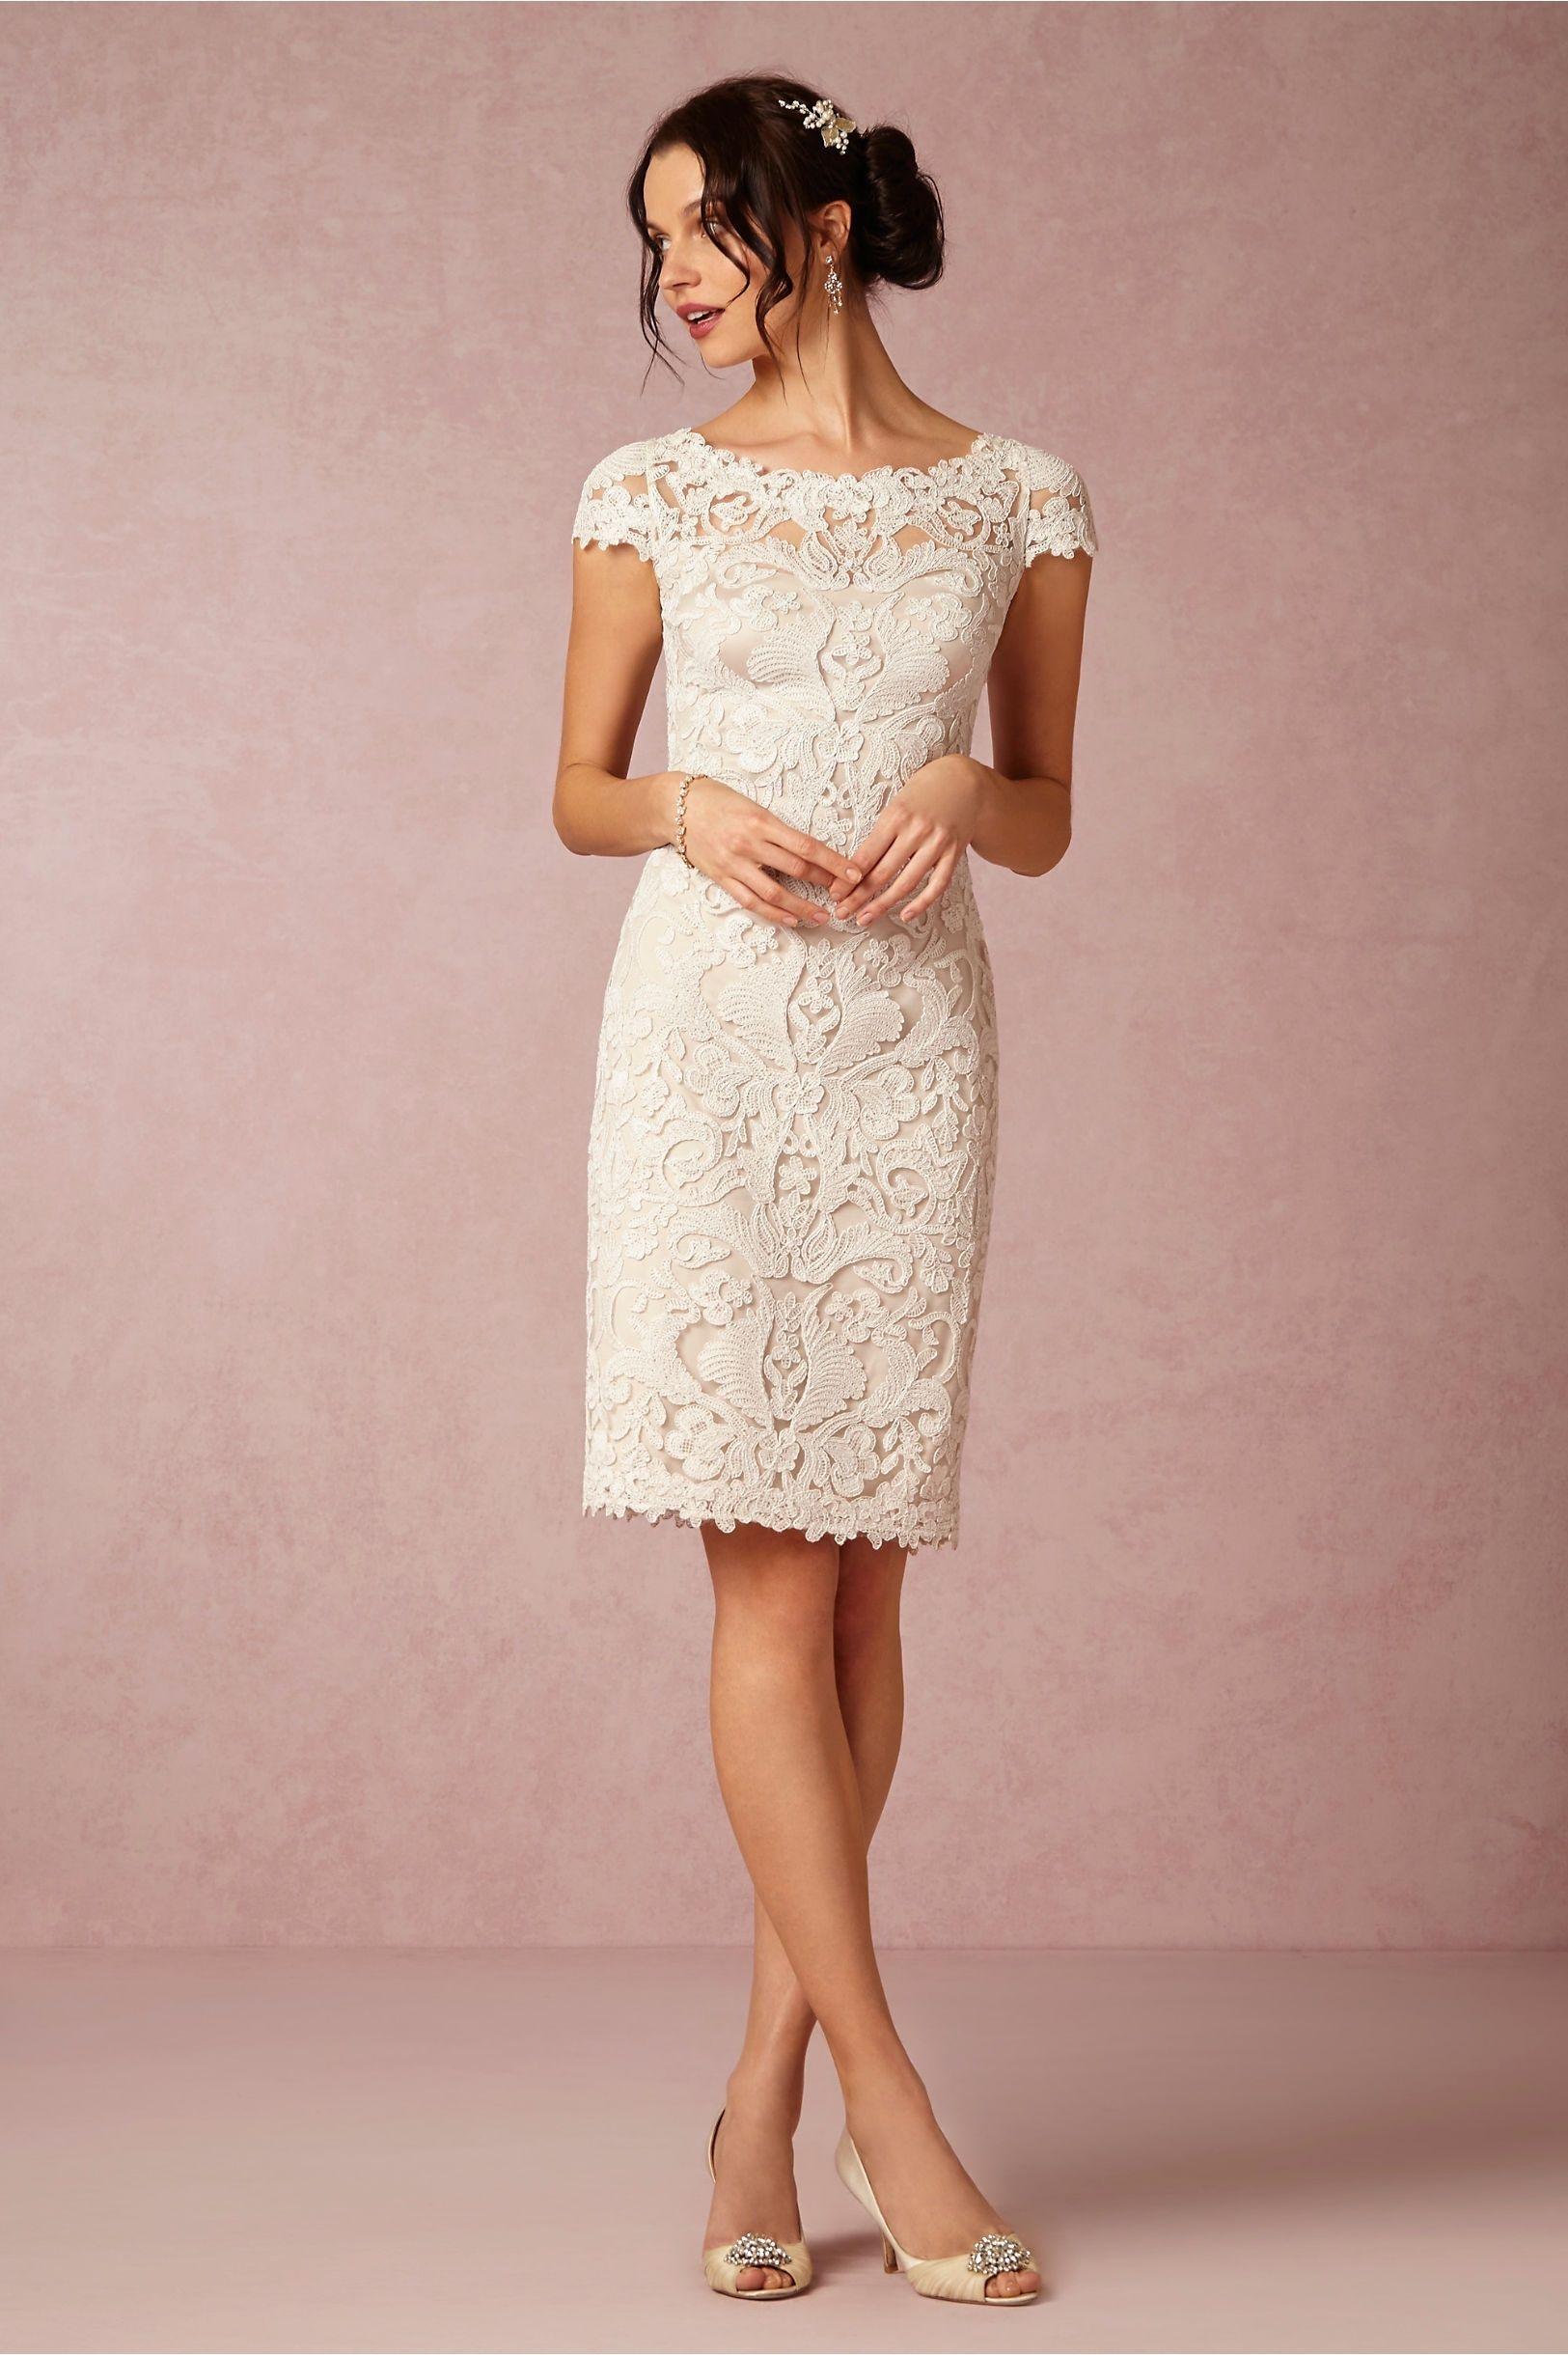 15 Wunderbar Damen Kleider Für Hochzeitsgäste Spezialgebiet17 Kreativ Damen Kleider Für Hochzeitsgäste Spezialgebiet